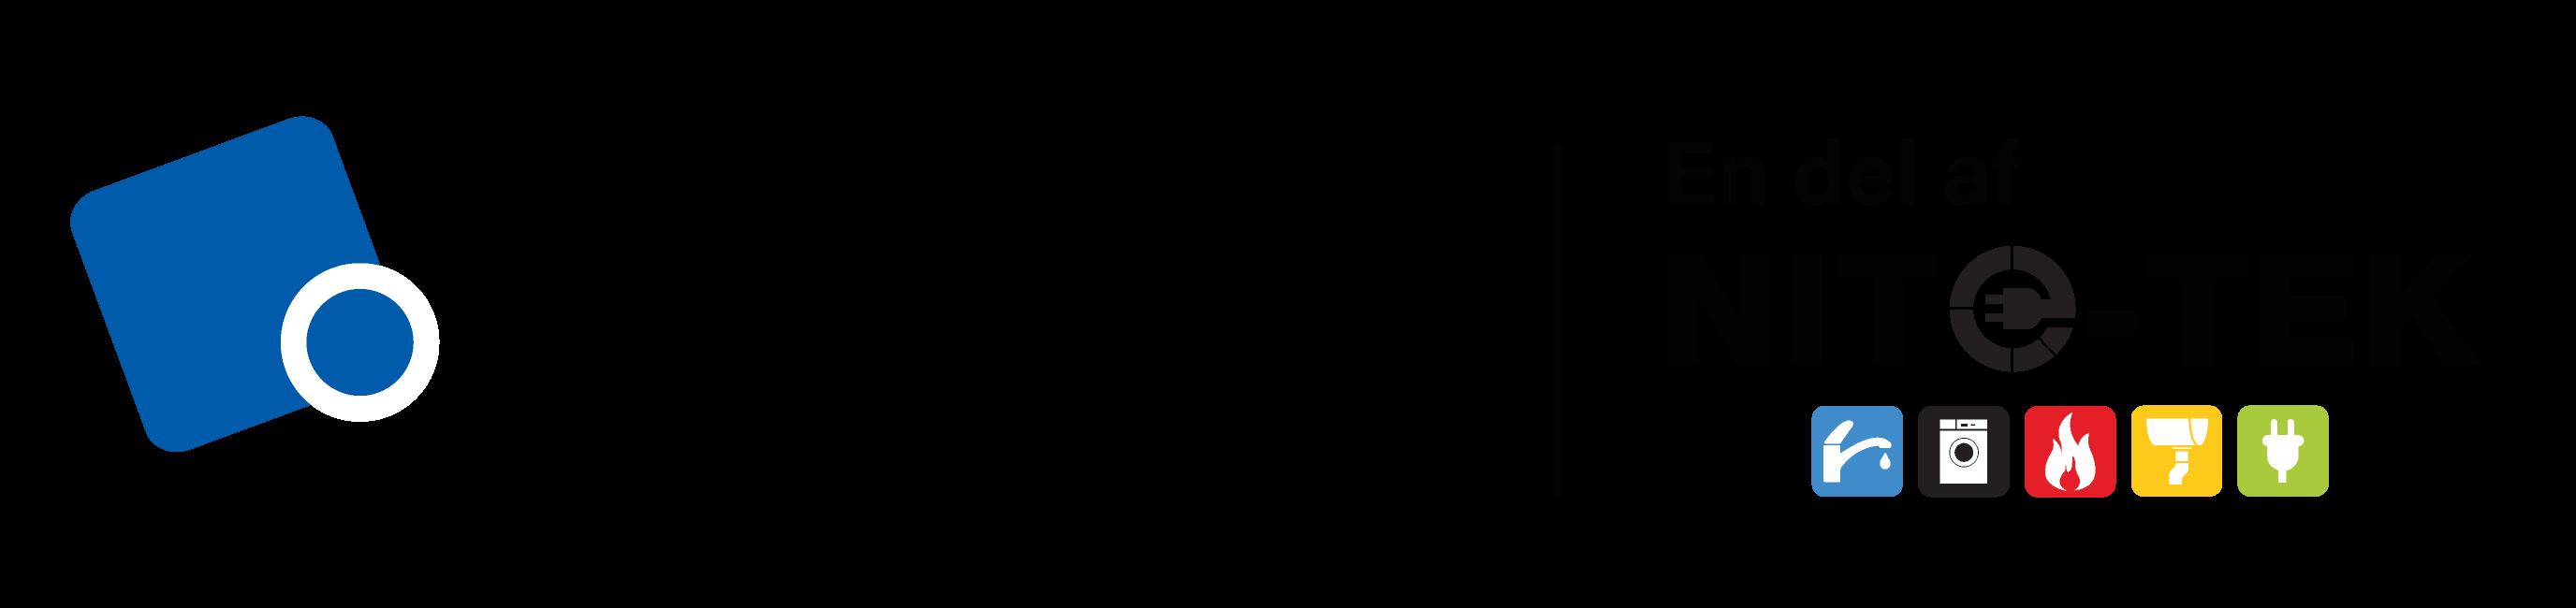 VVS Kurt Hansen – VVS i Nyborg – Elektriker i Nyborg – Blikkenslager i Nyborg Logo